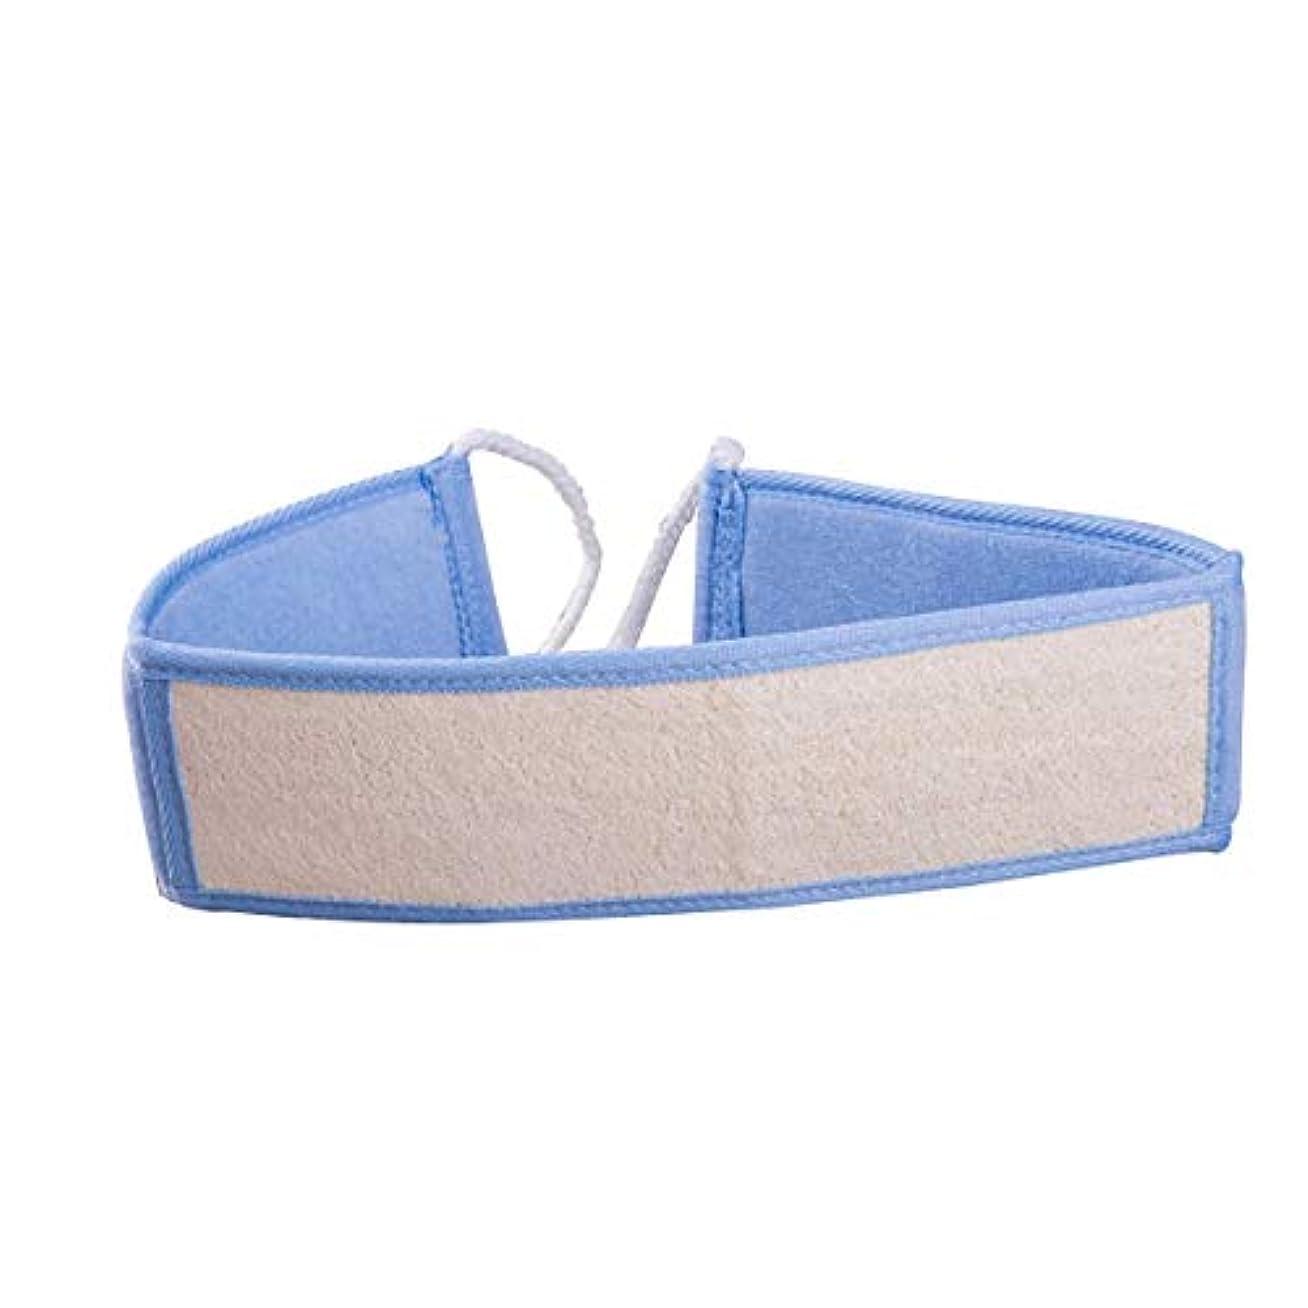 口池カップルROSENICE ロングハンドルバスタオルロファソングバスブラシラビングタオル(ブルー)